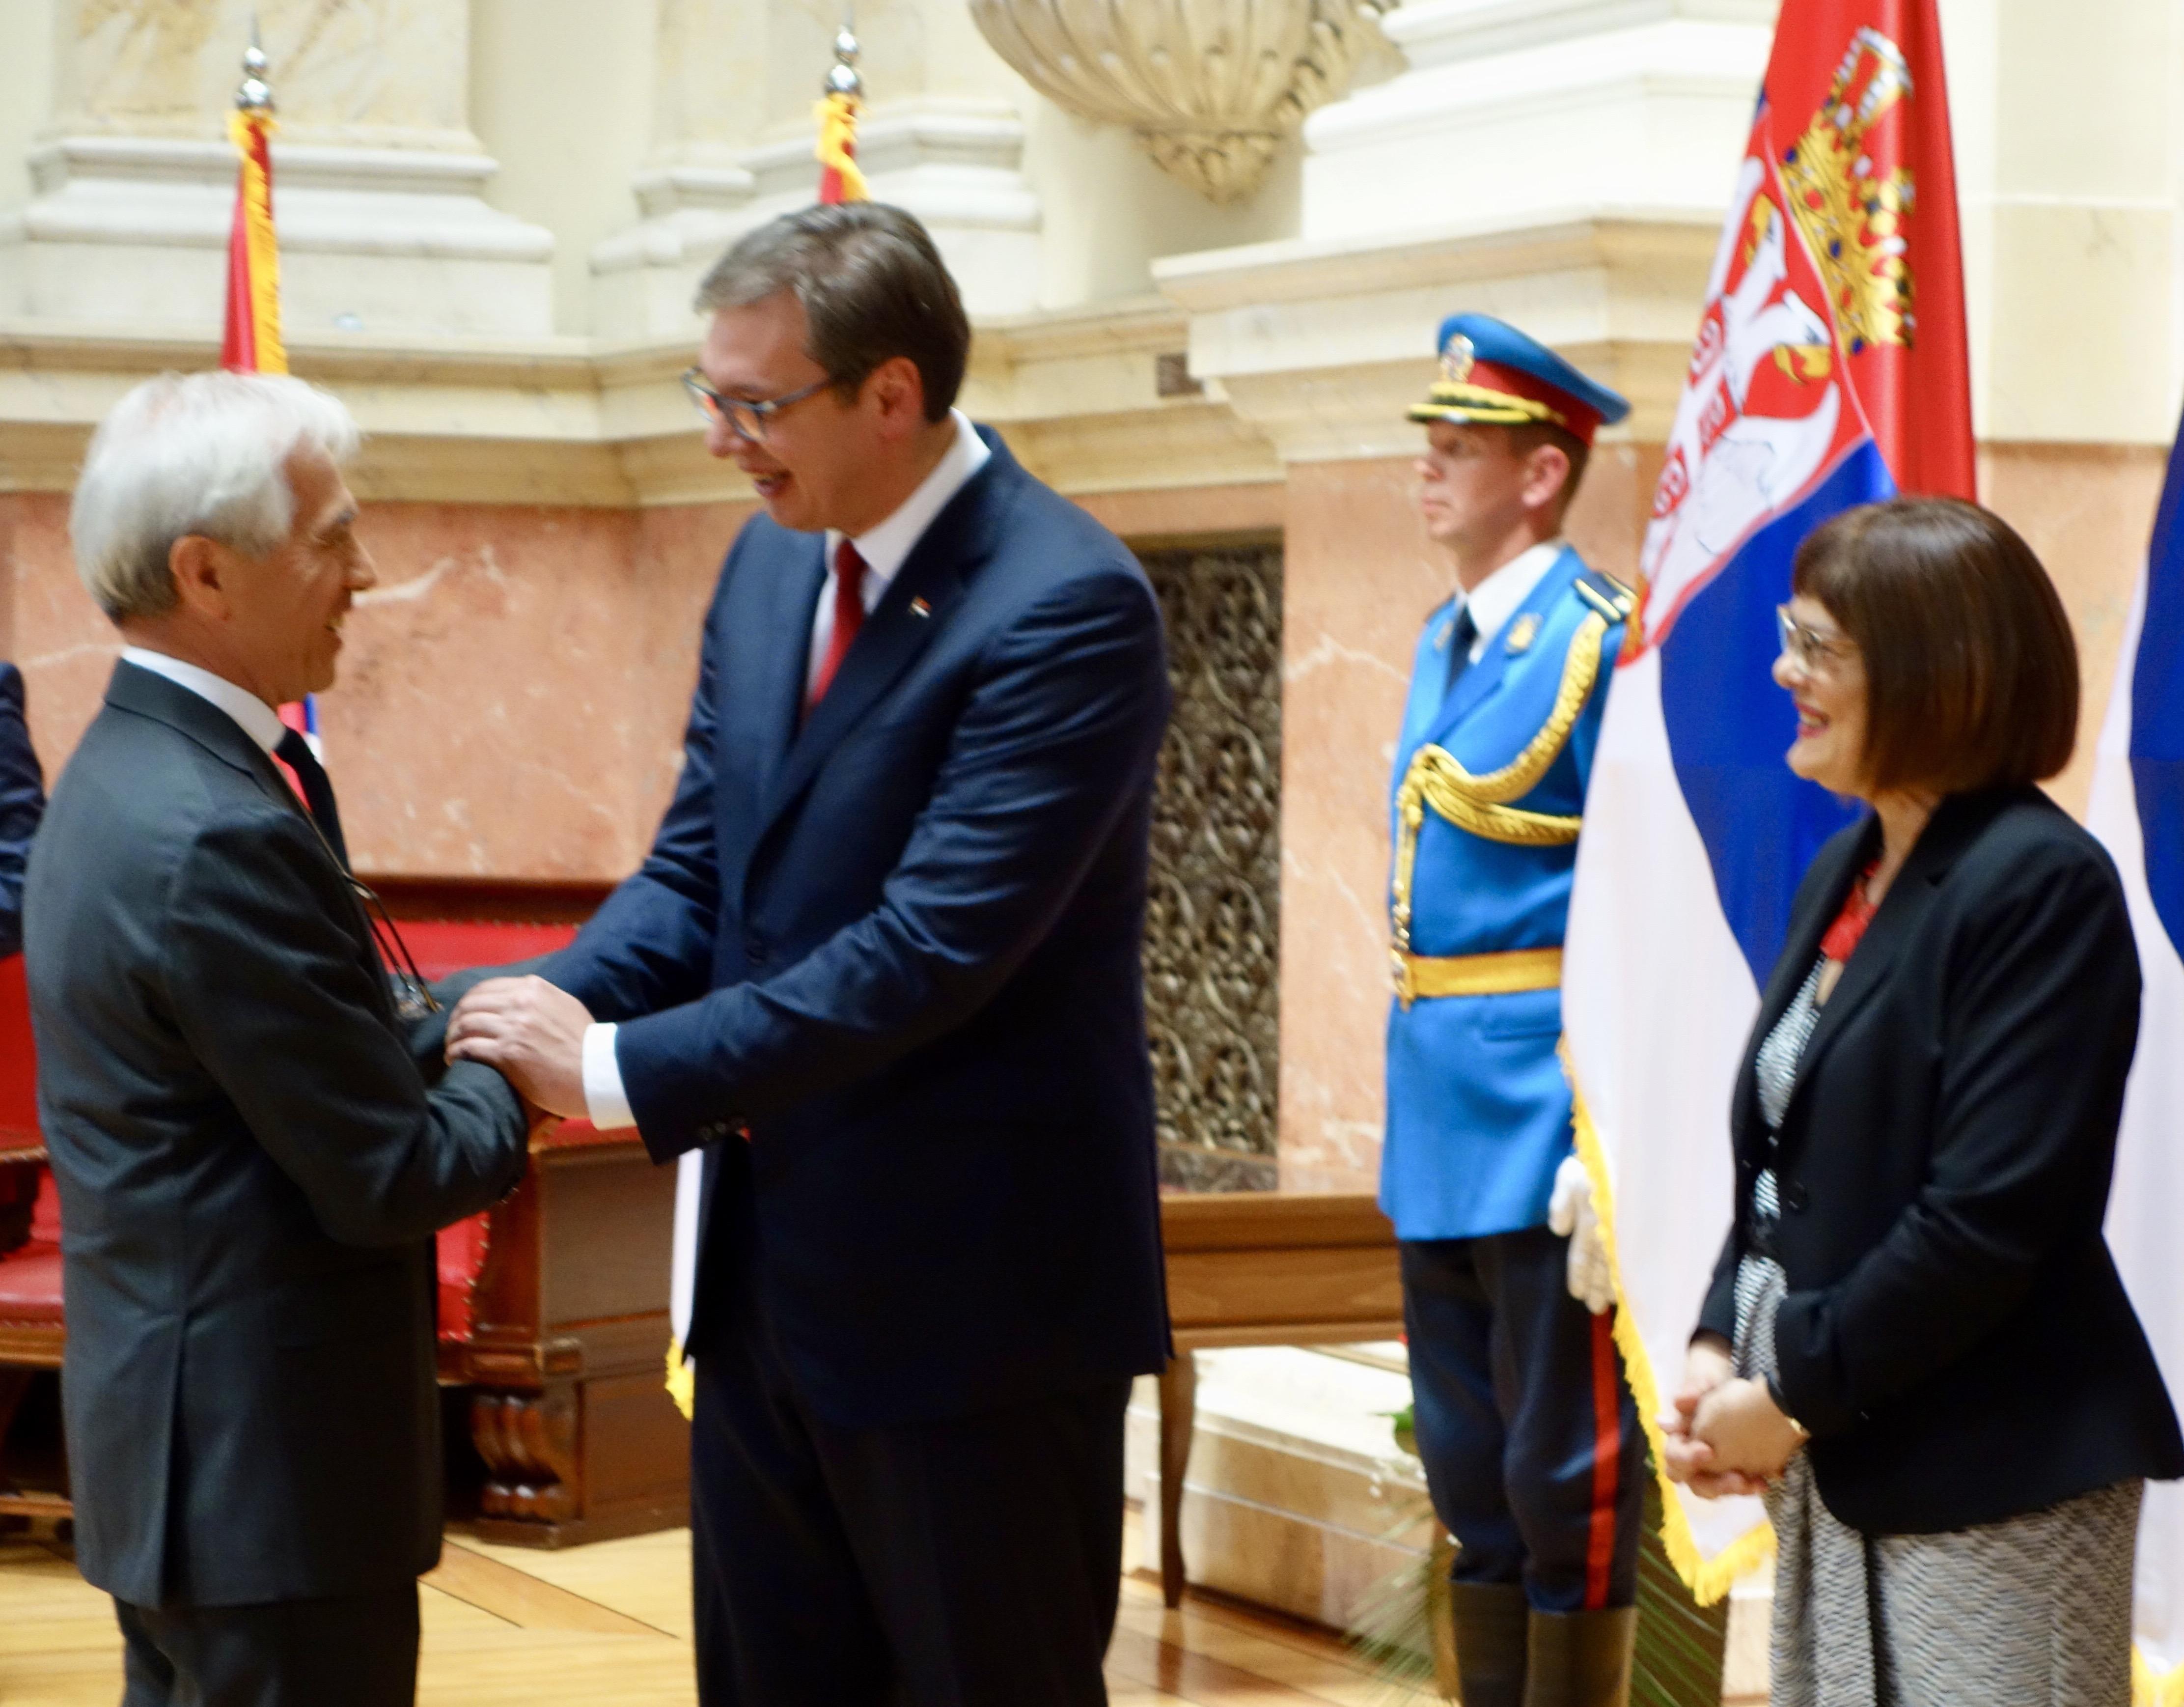 L'Amb. di Luca con il Presidente Vučić; alla sua destra, il Presidente del Parlamento serbo On. Maja Gojkovic.